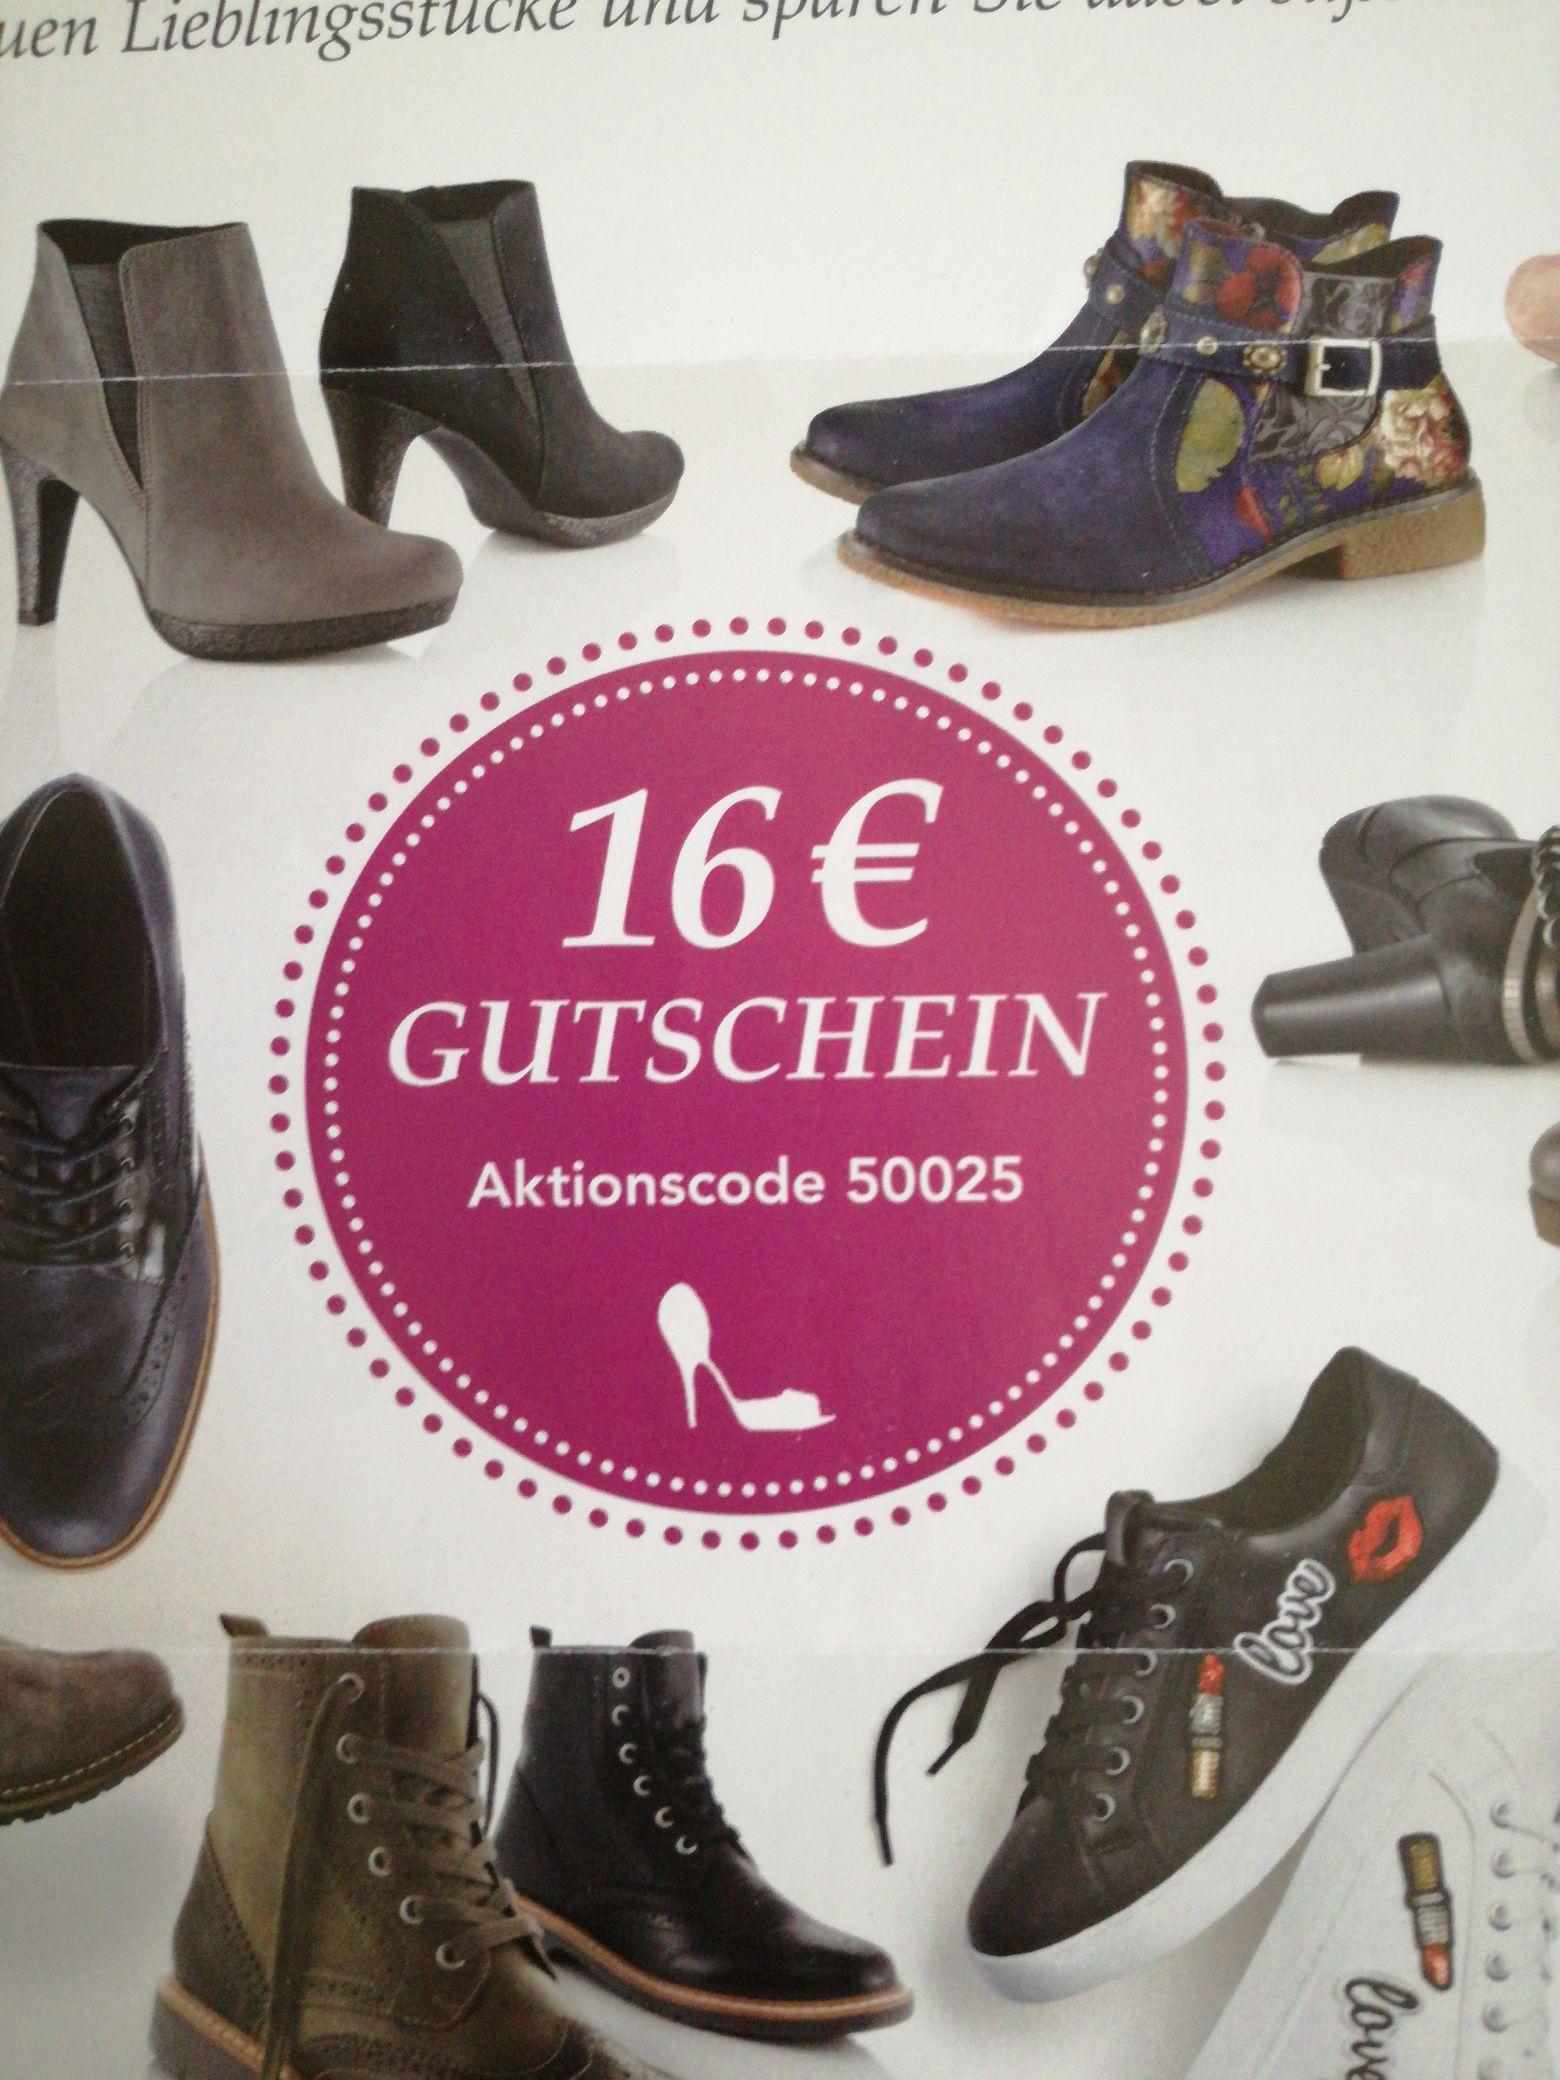 I'm walking Gutschein 16€ MBW 40€ nach Retoure